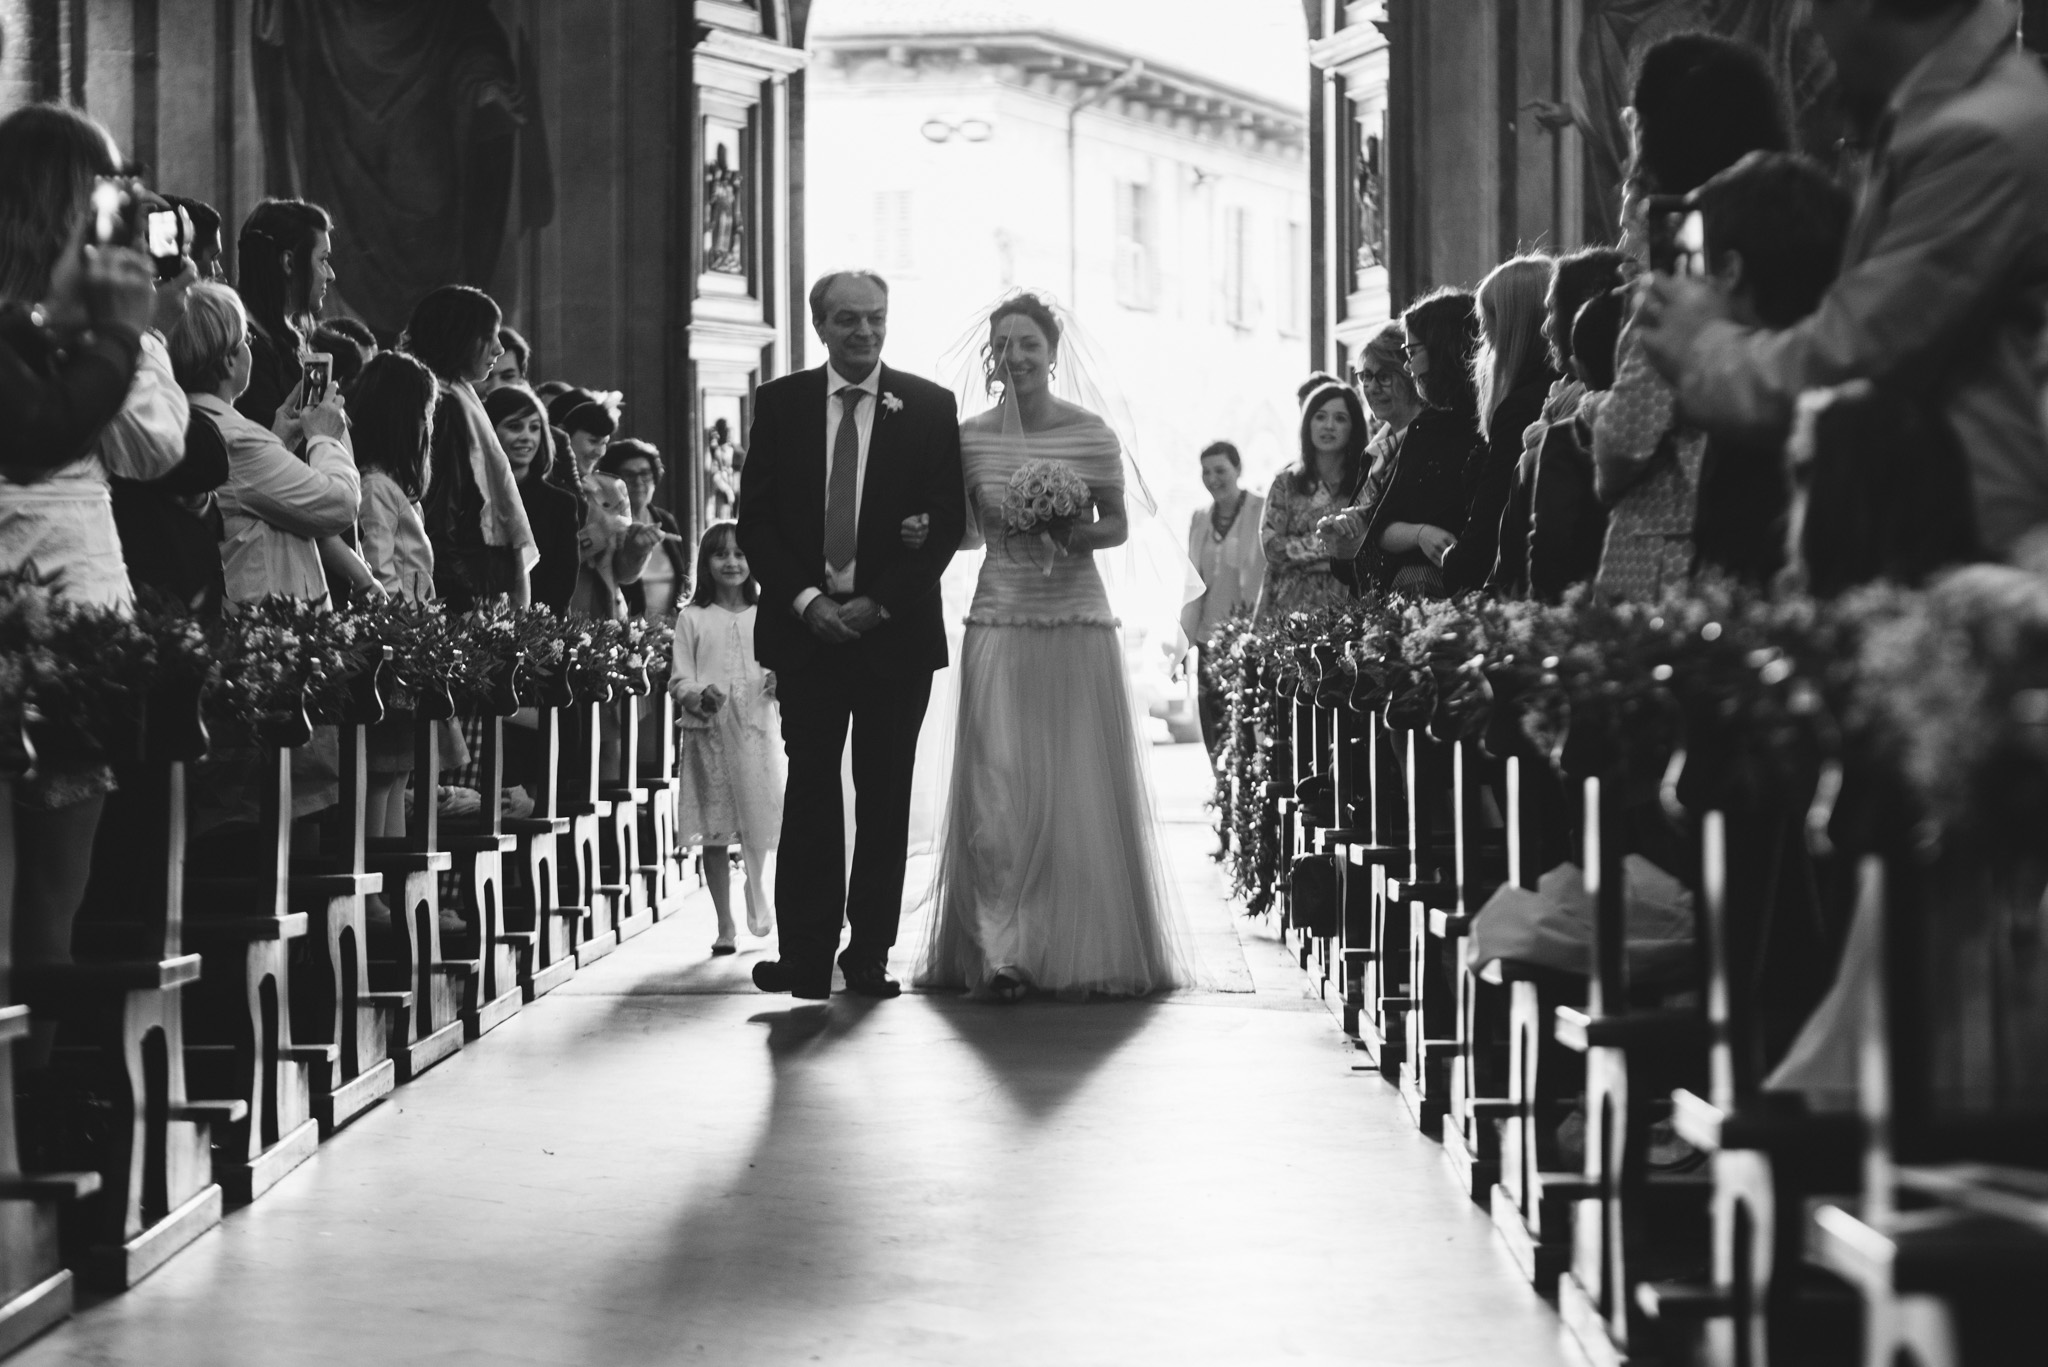 fotografo reportage matrimonio monza brianza milano lago di como max allegritti milano lombardia wedding italian photographer